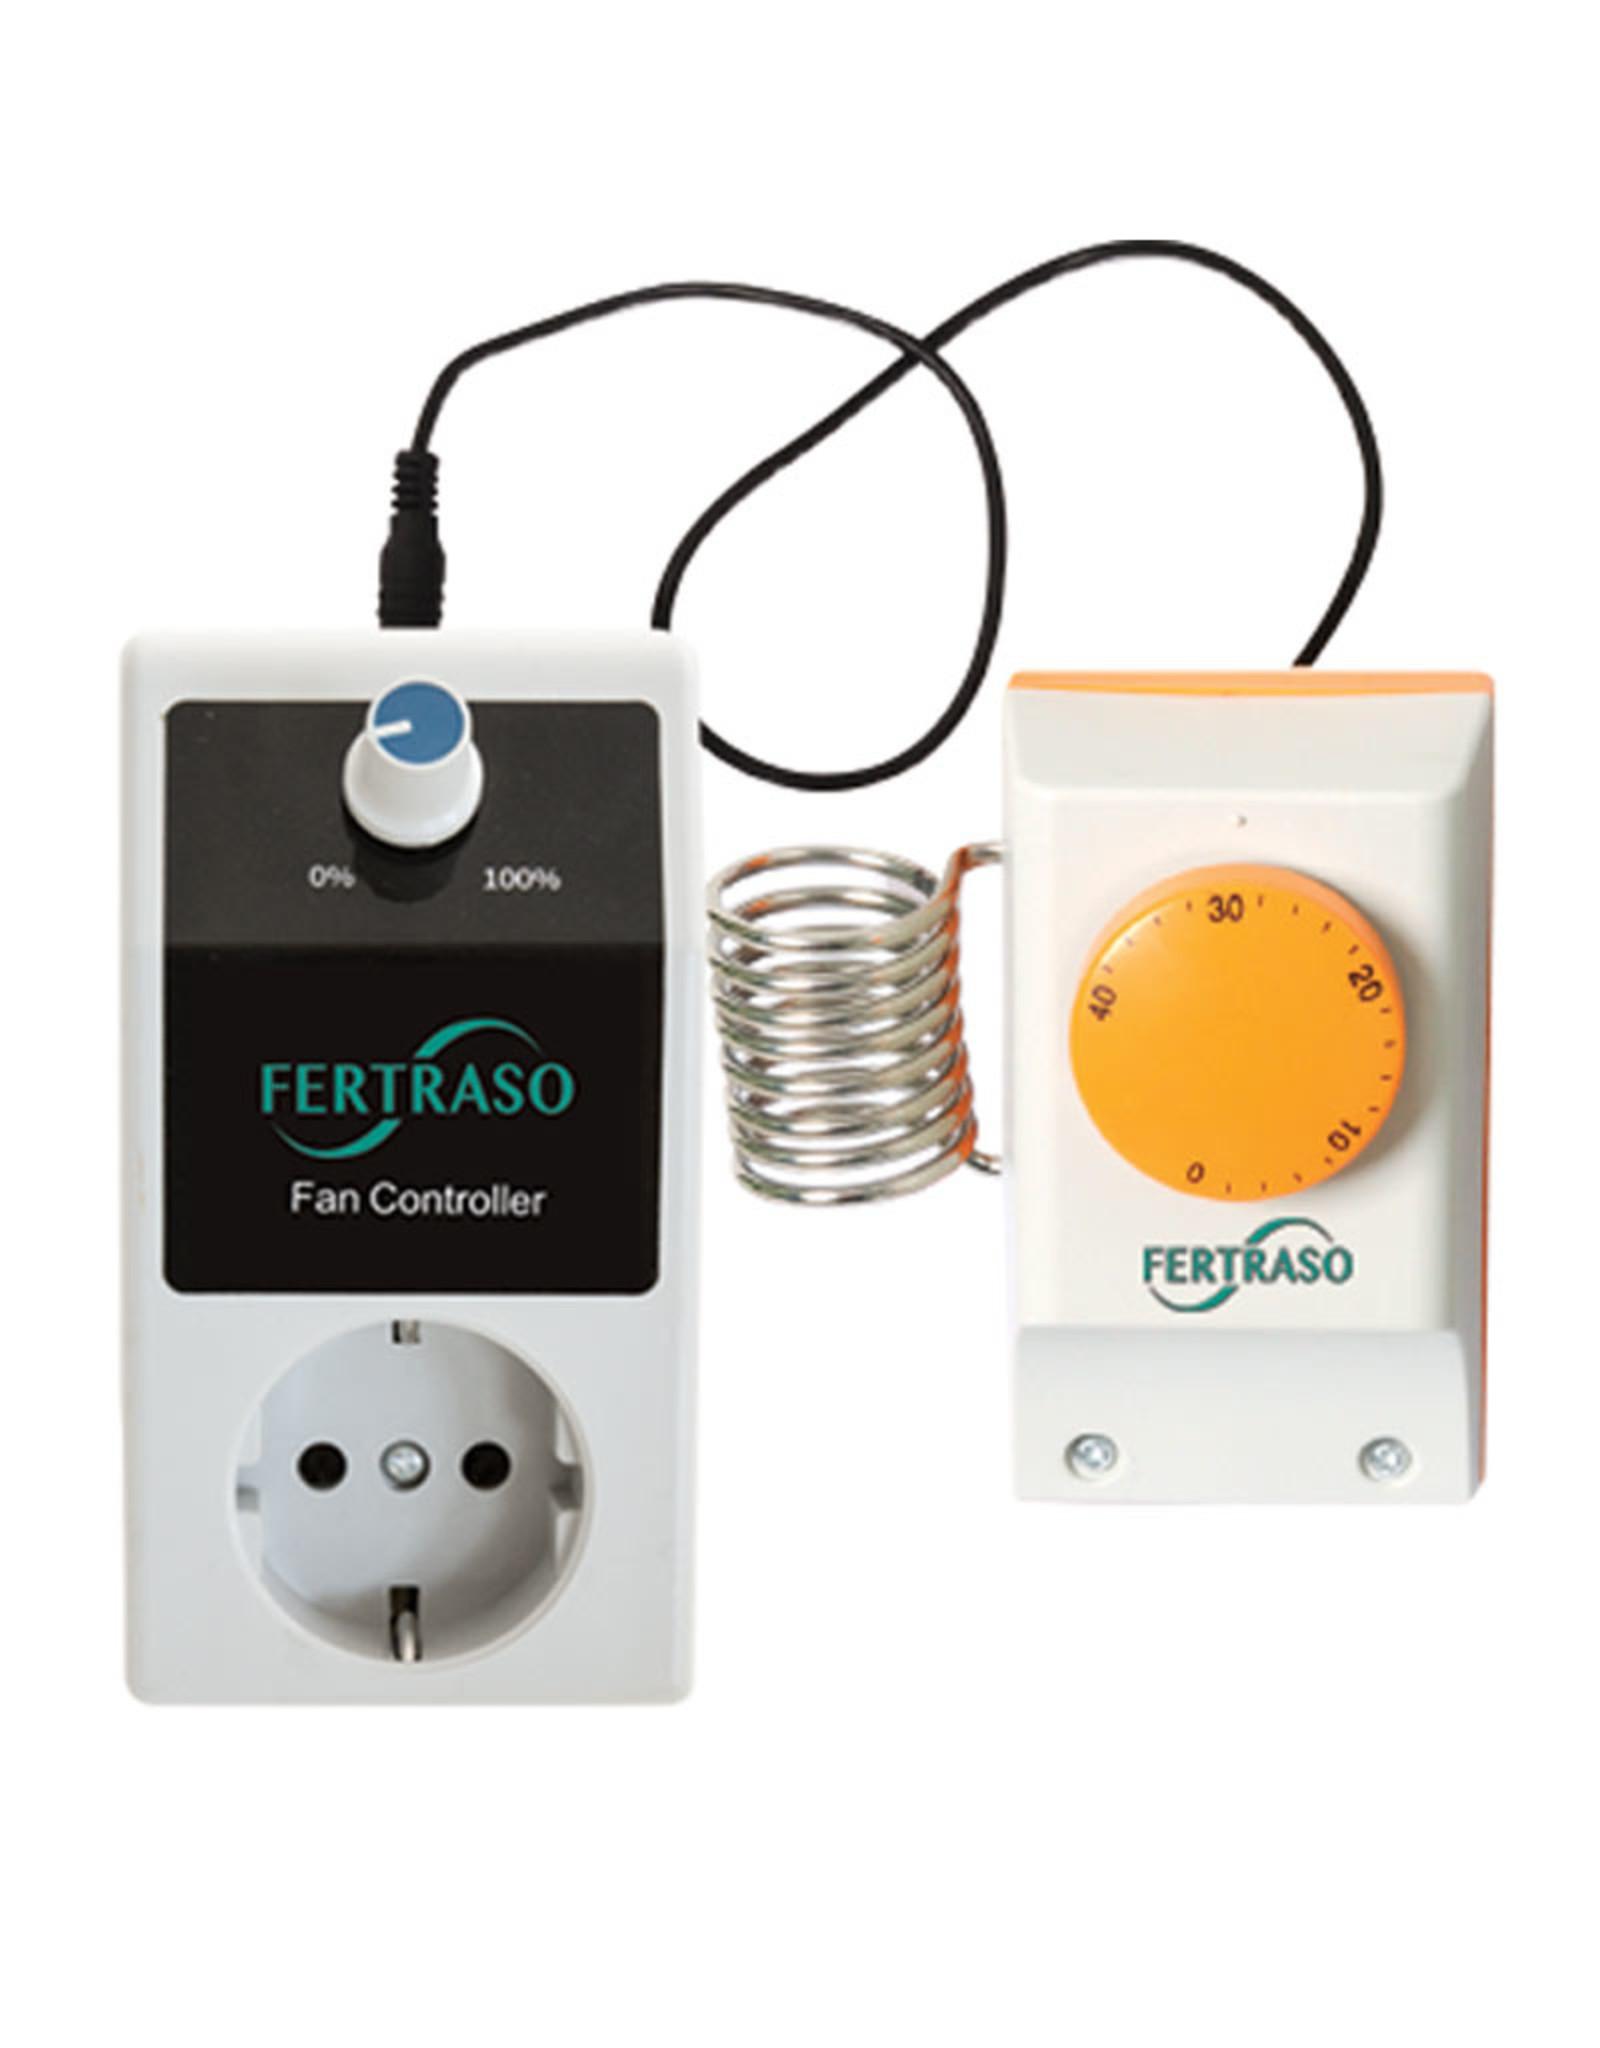 FERTRASO FERTRASO FAN CONTROLLER & TERMOSTAT 6,5A